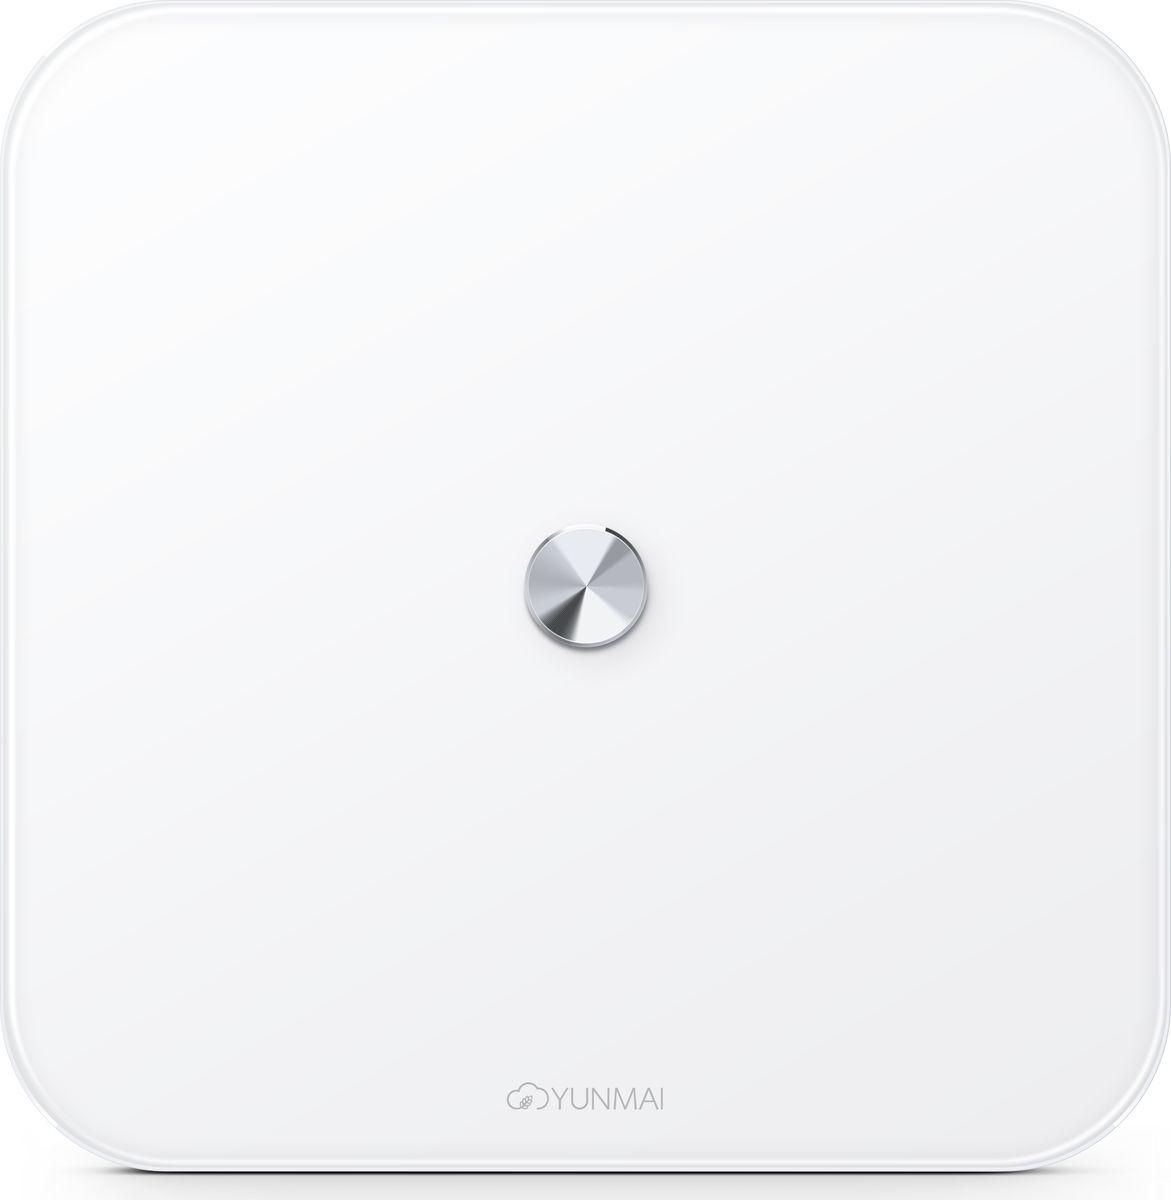 Весы напольные Yunmai SE White фото